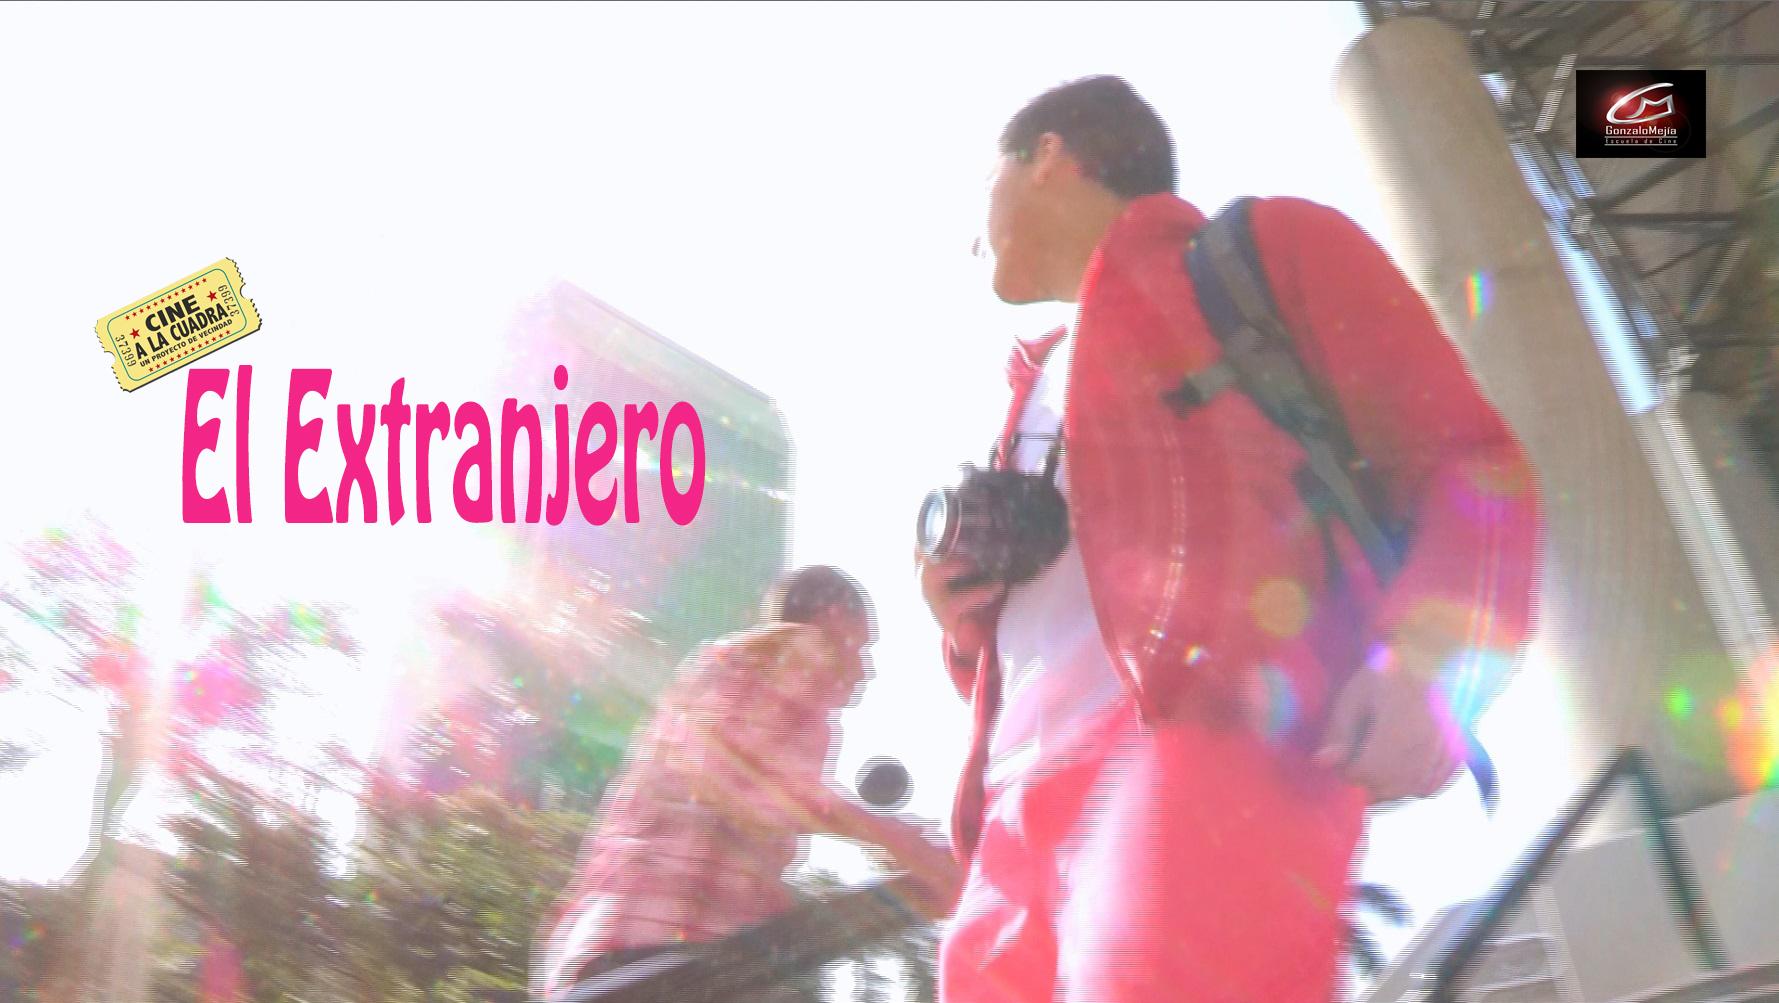 Prueba afiche de EL EXTRANJERO